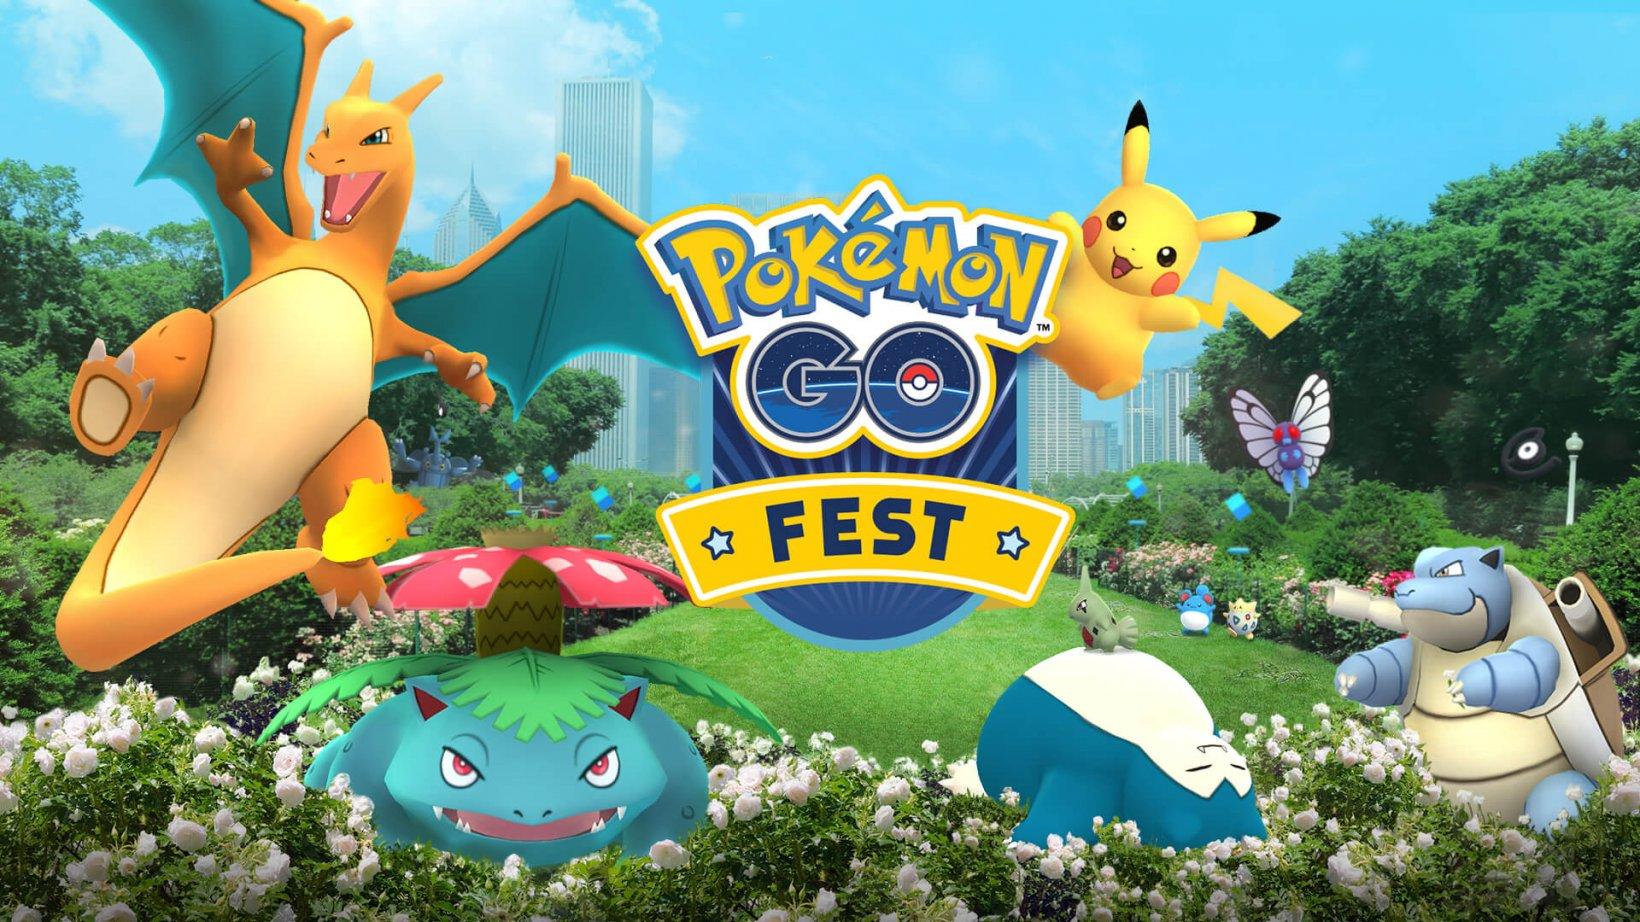 Pokemon GO fest 2021